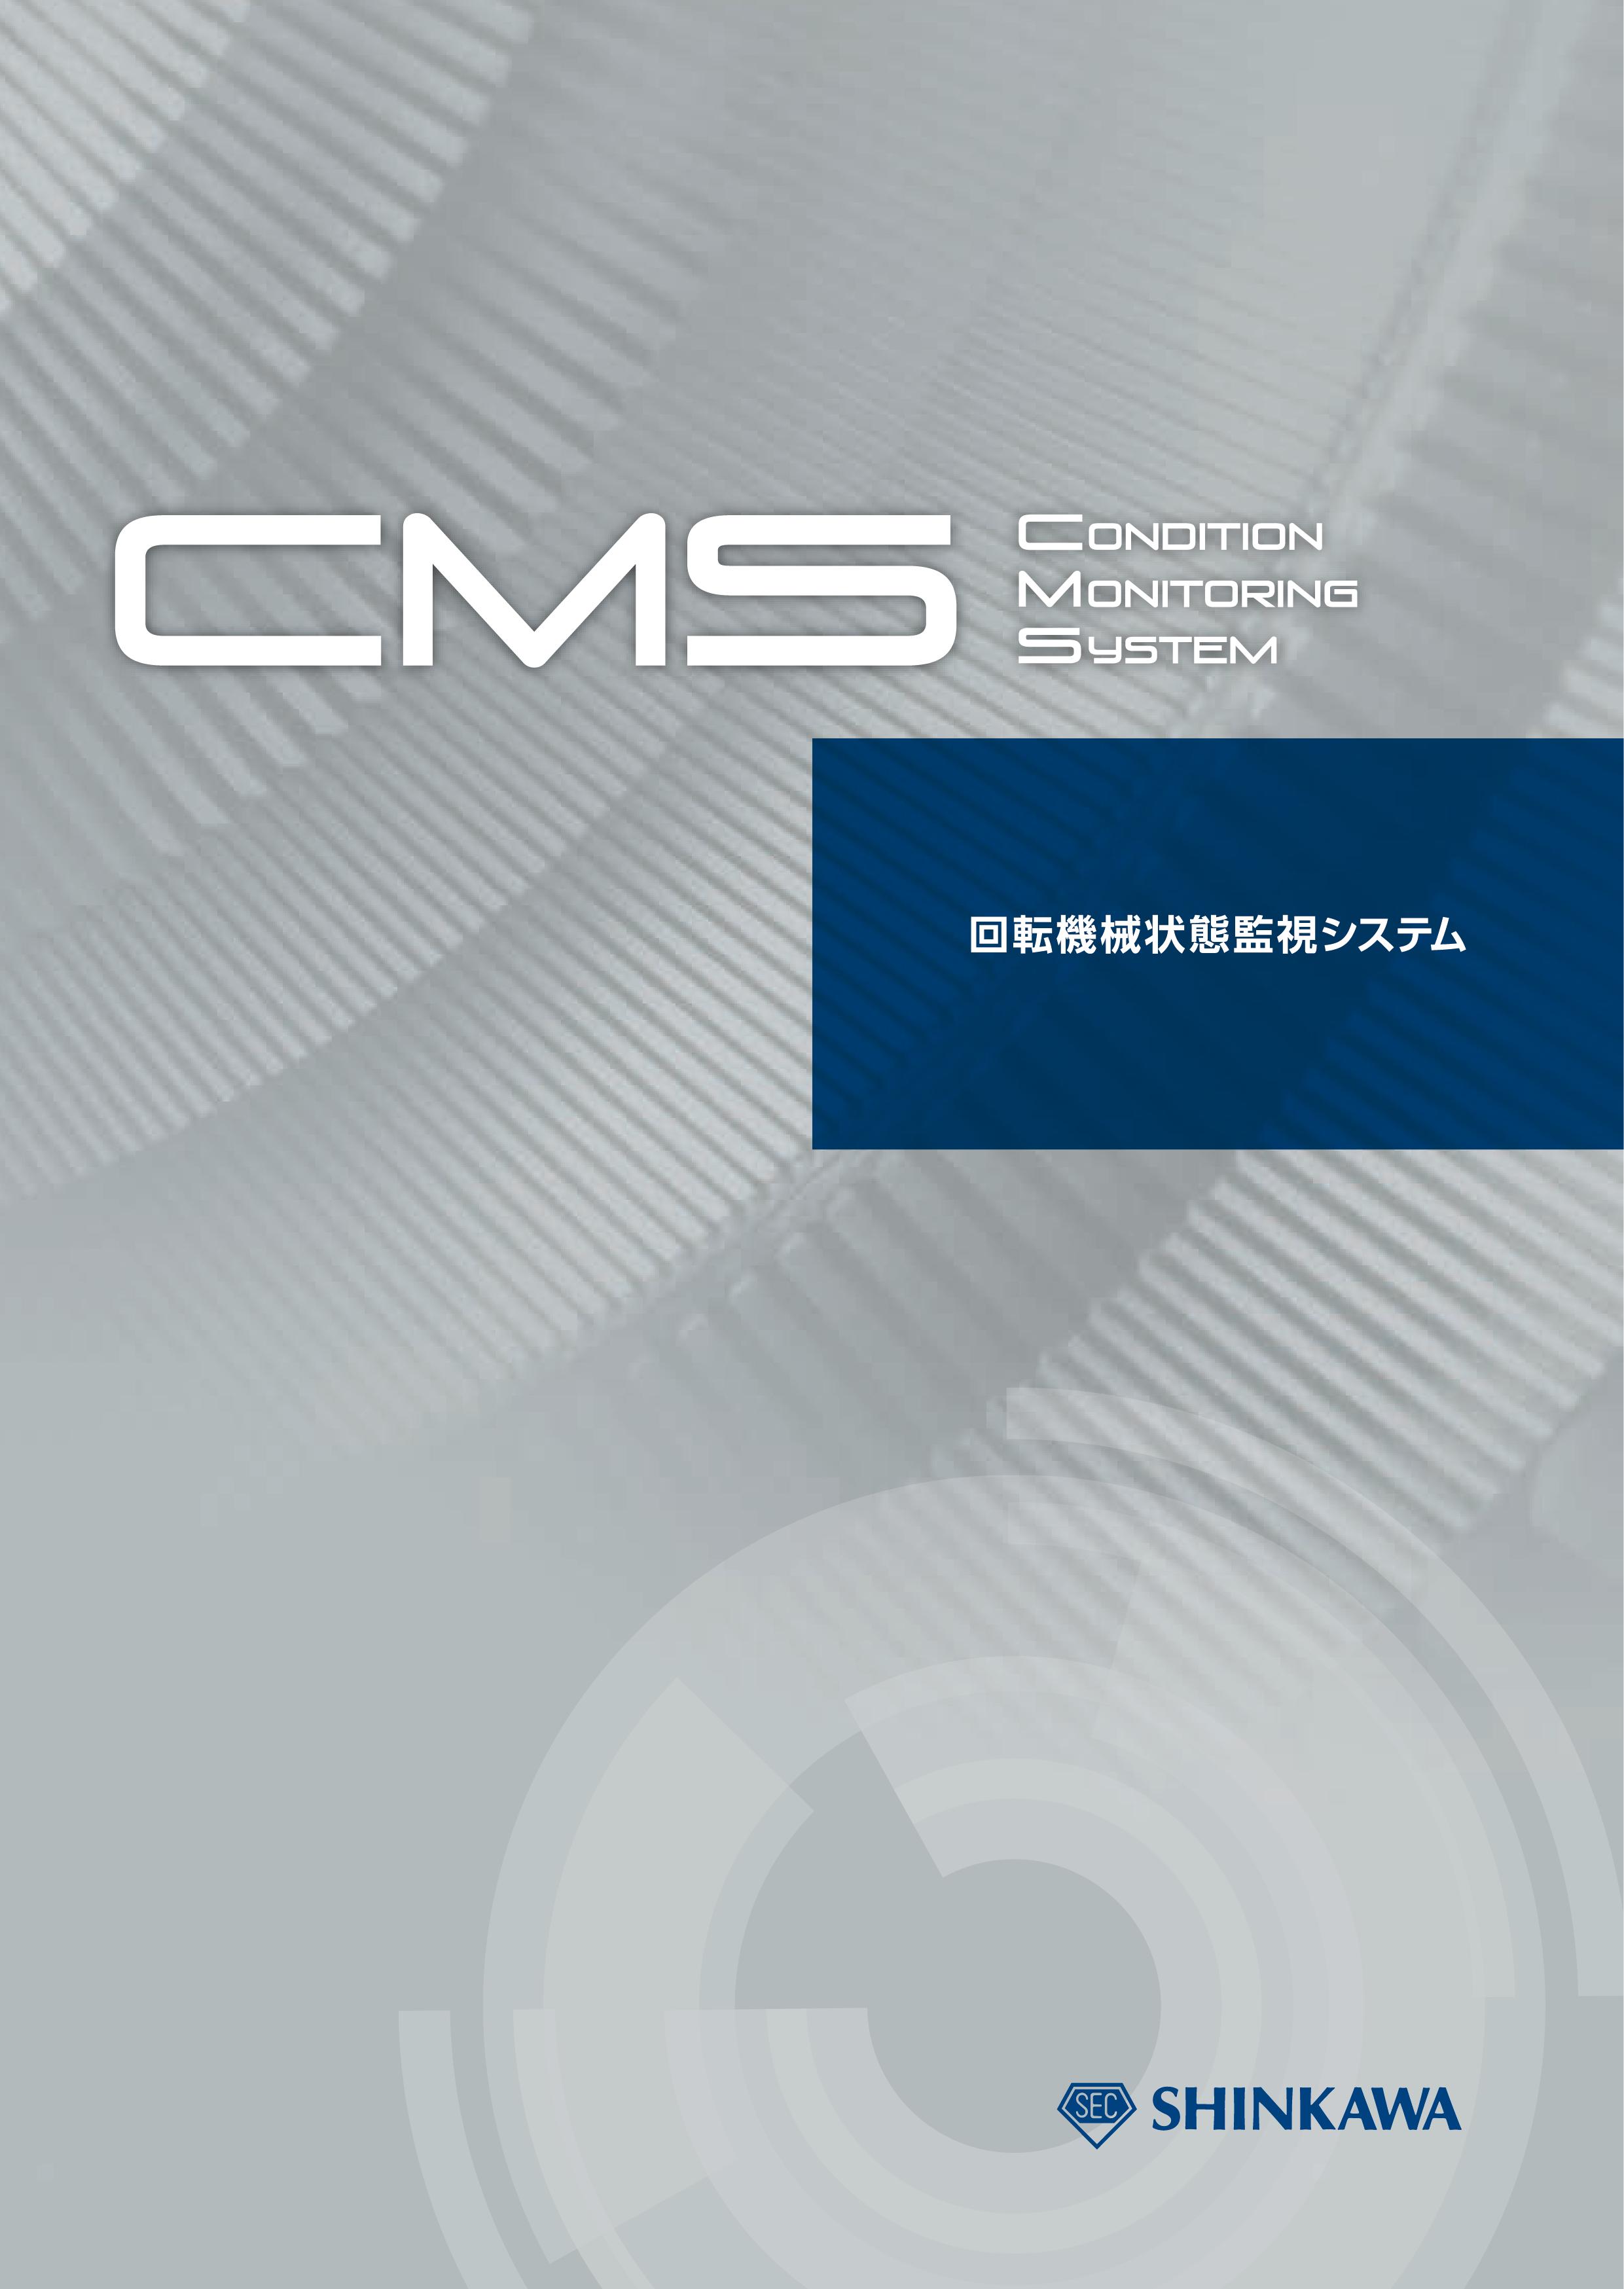 回転機械状態監視システム CMS